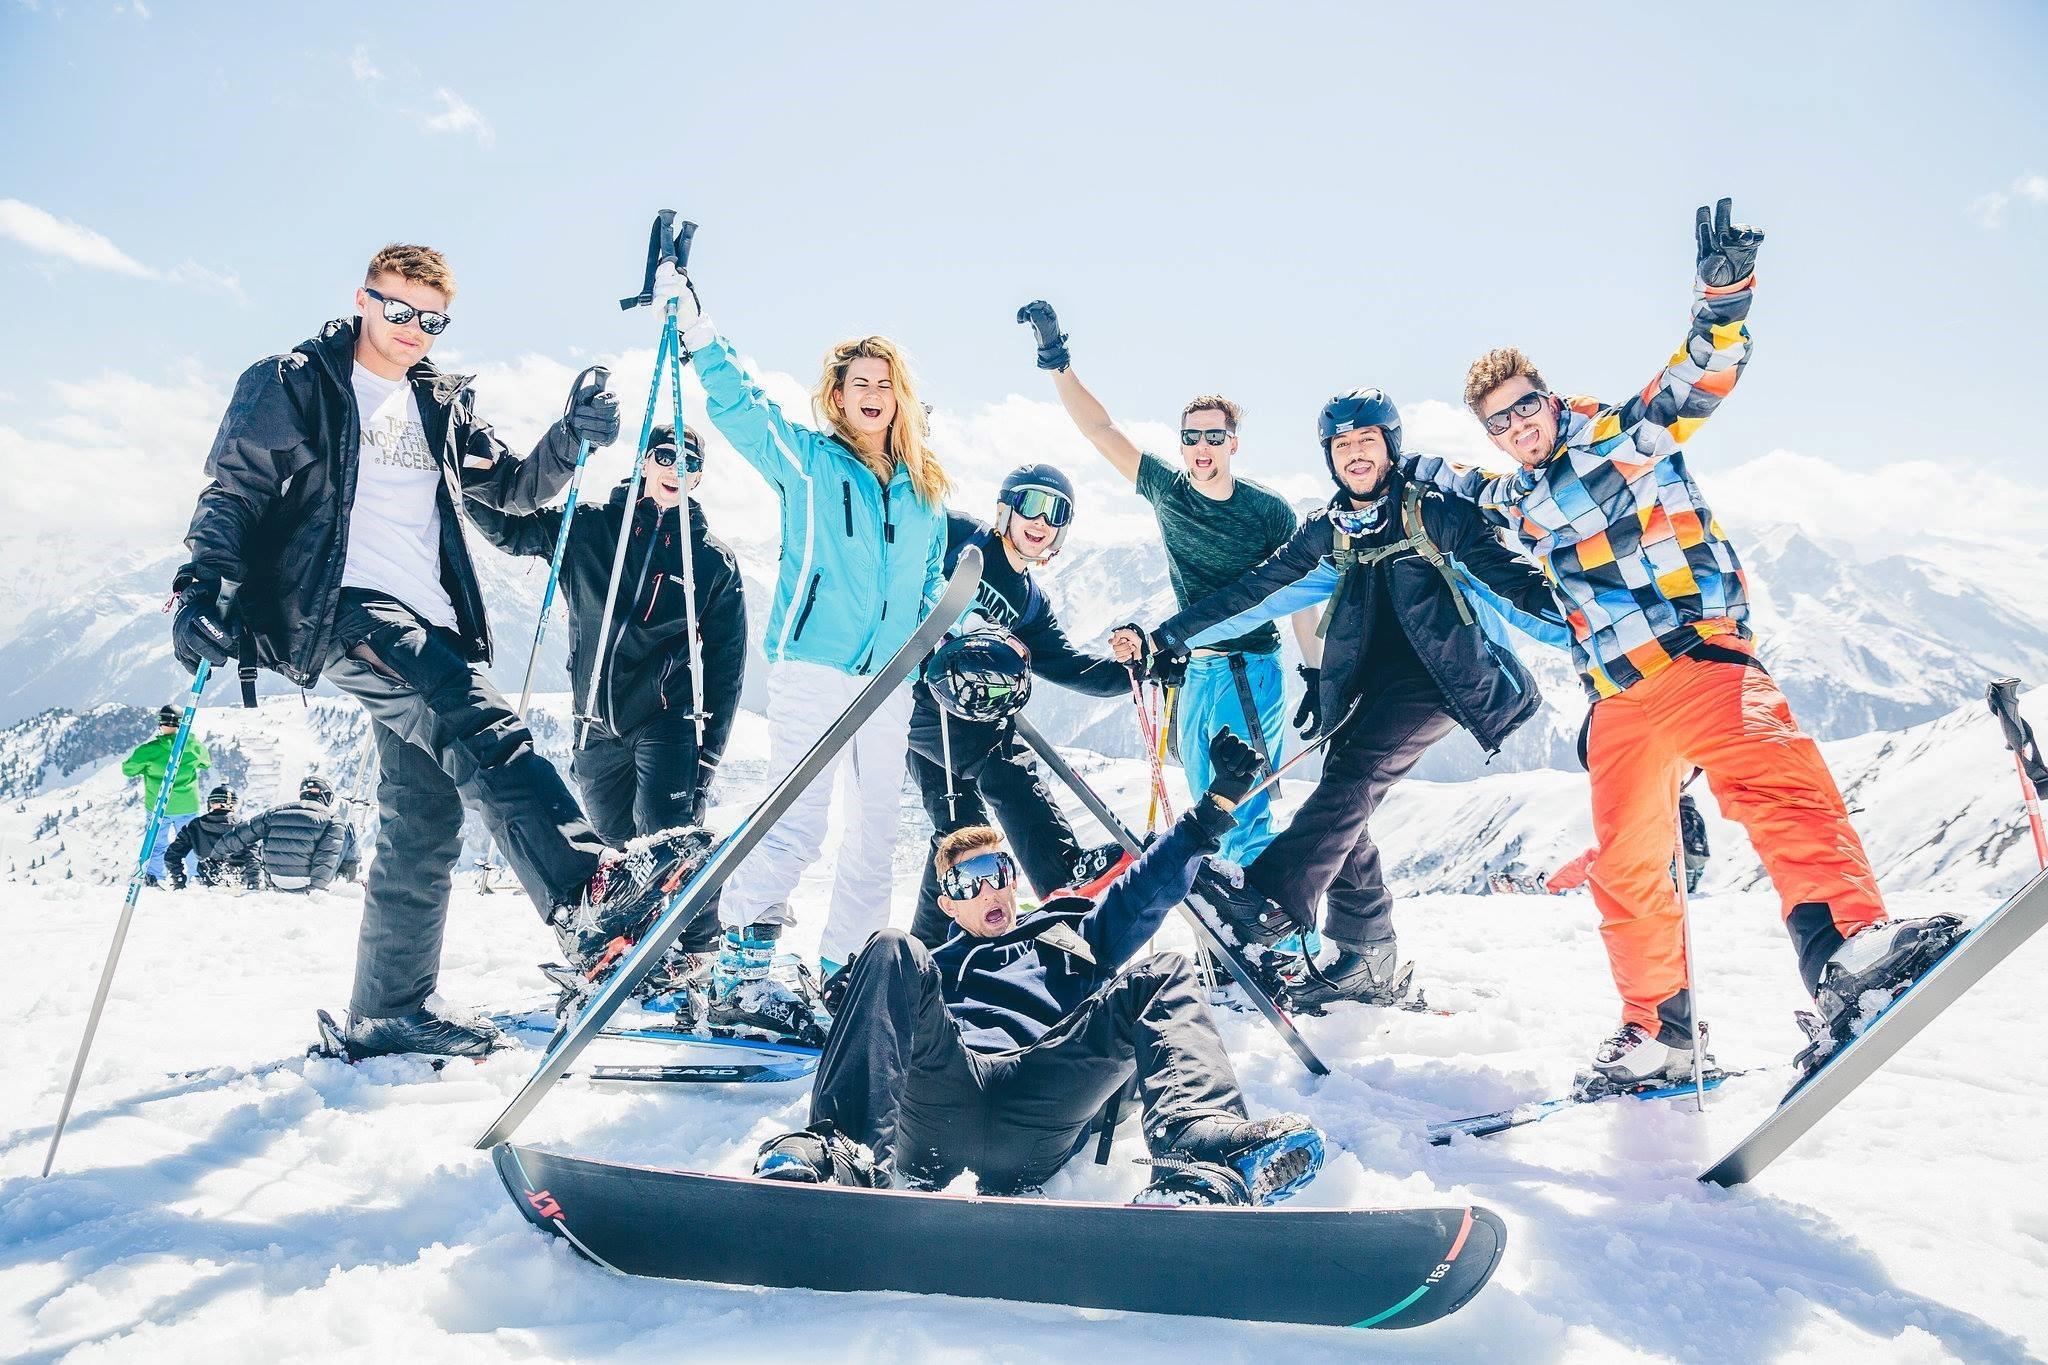 SKI & SNOWBOARD #heerlijk pistes naar beneden knallen met de vrienden of collega's